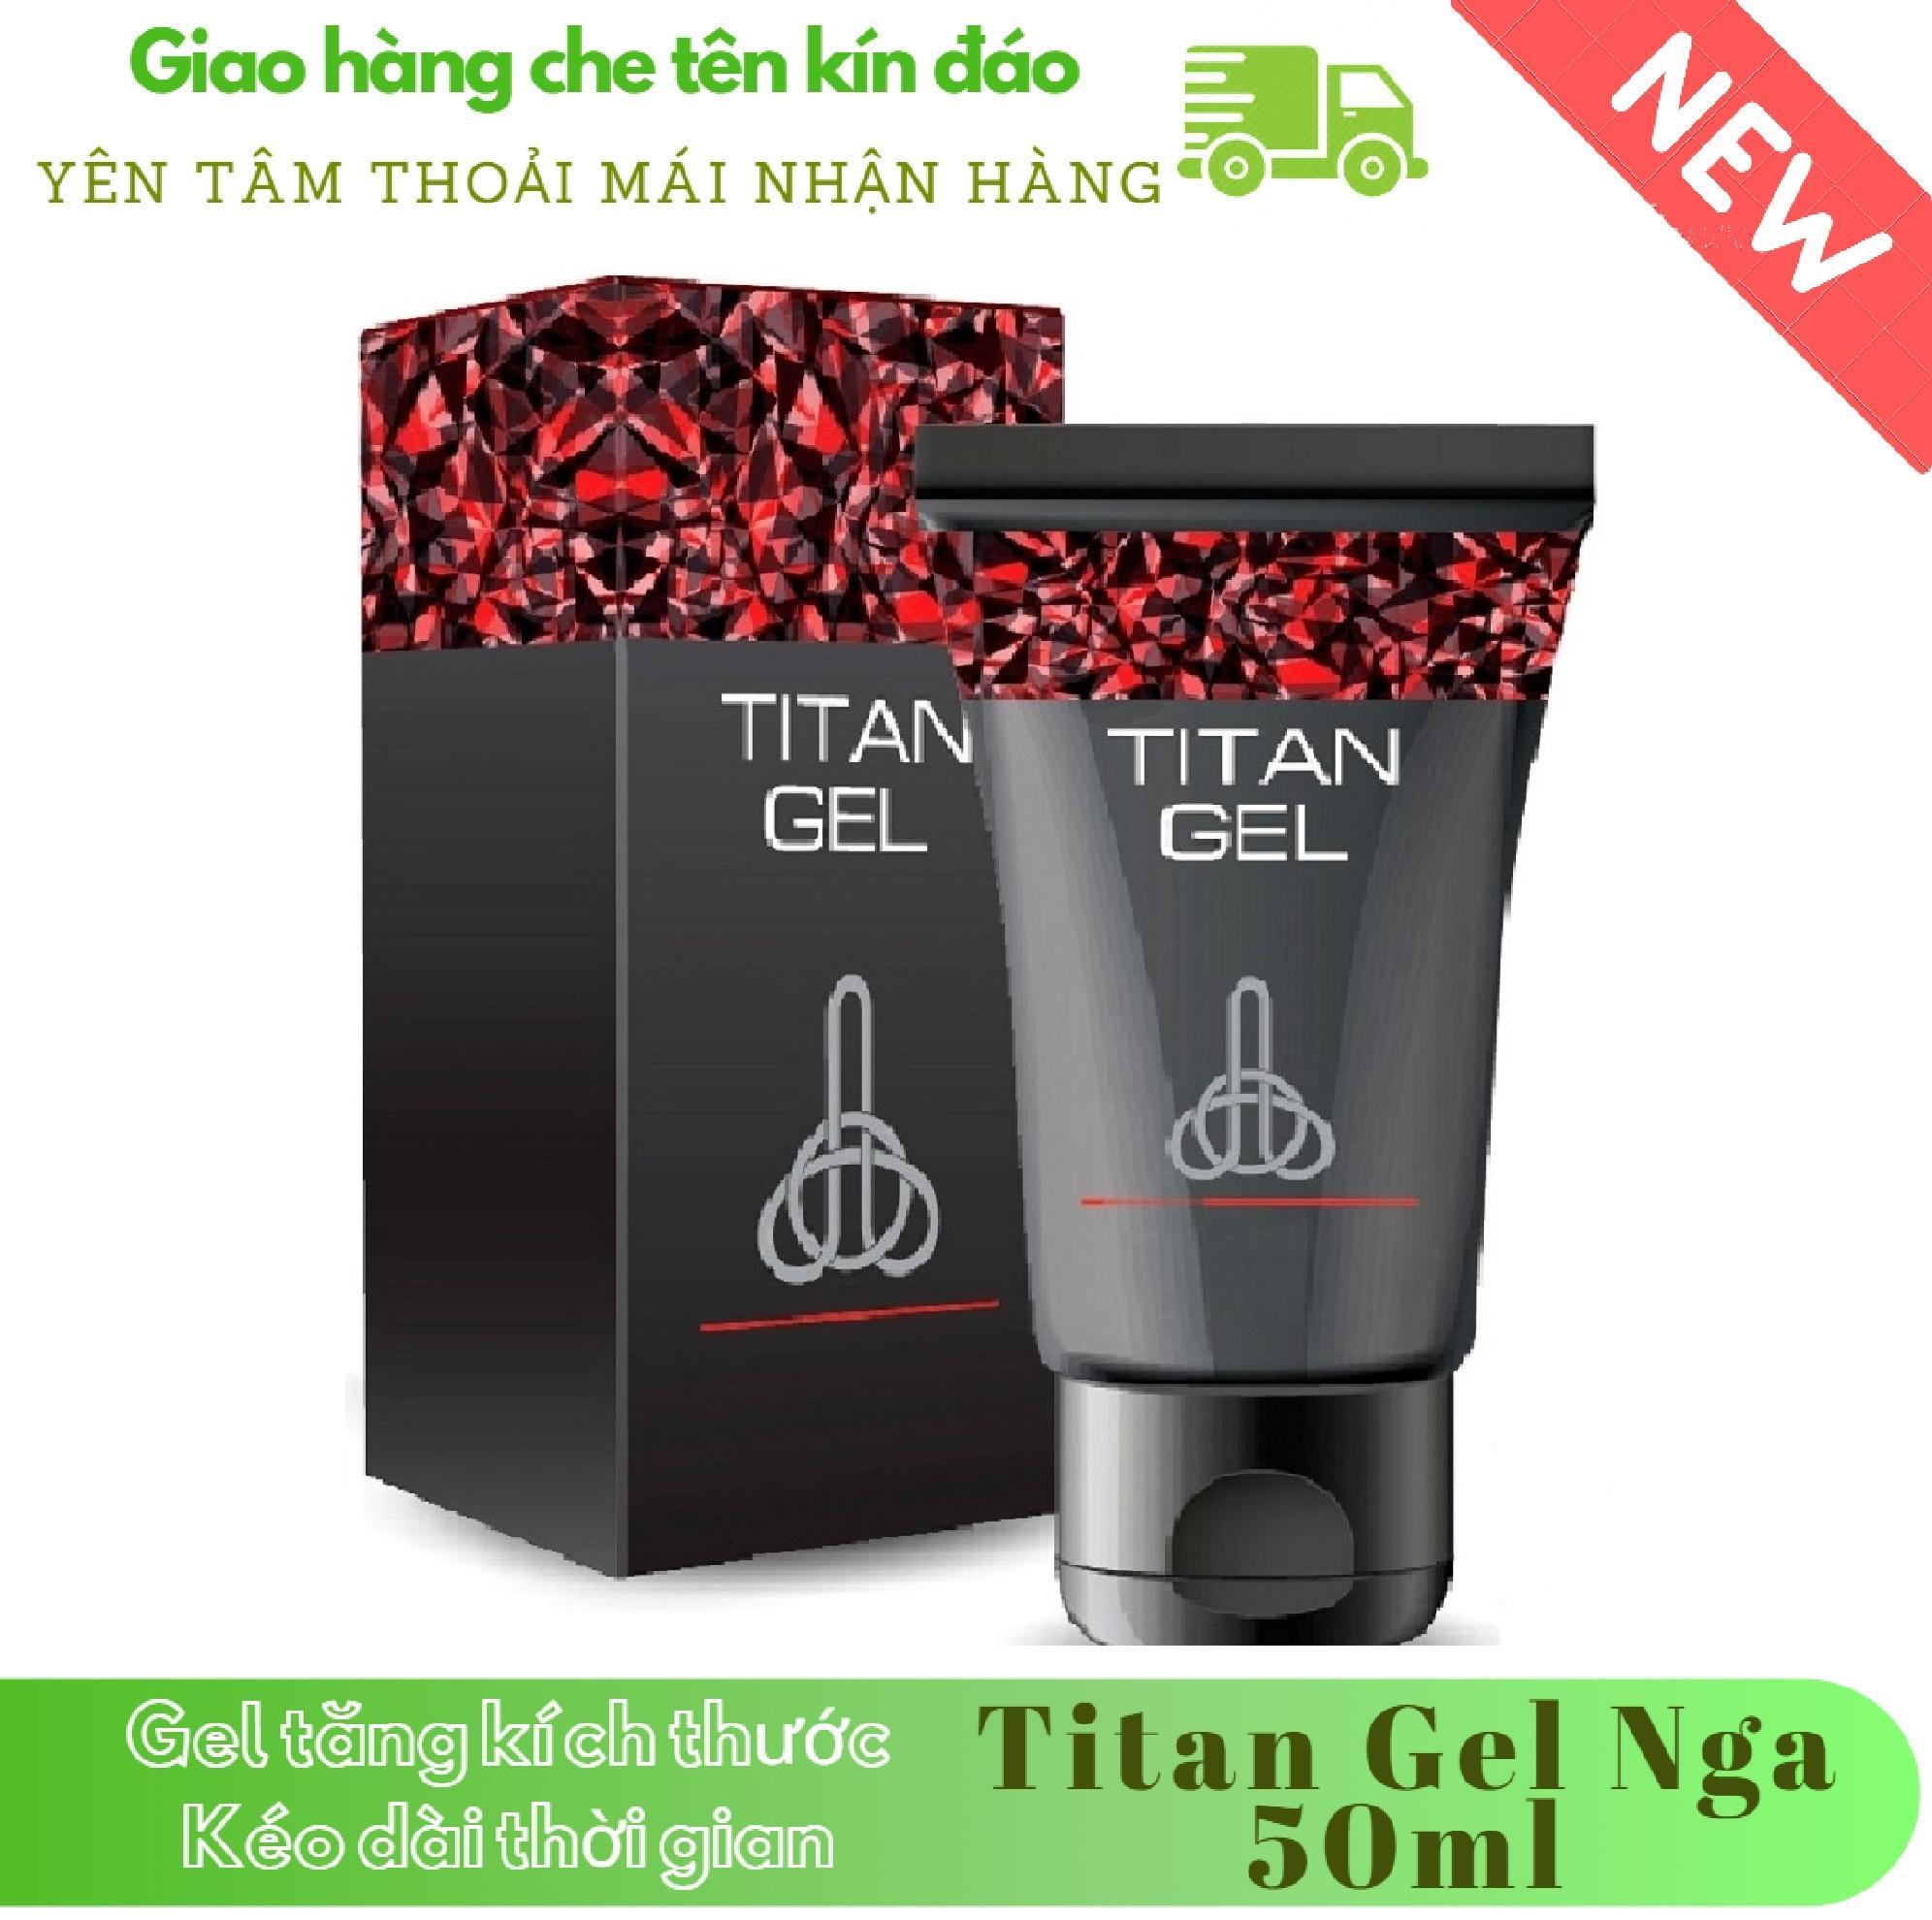 [ Lô mới nhất ] 1 hộp Gel-Titan-Nga cao cấp (50ml) (Che tên khi giao hàng) tốt nhất